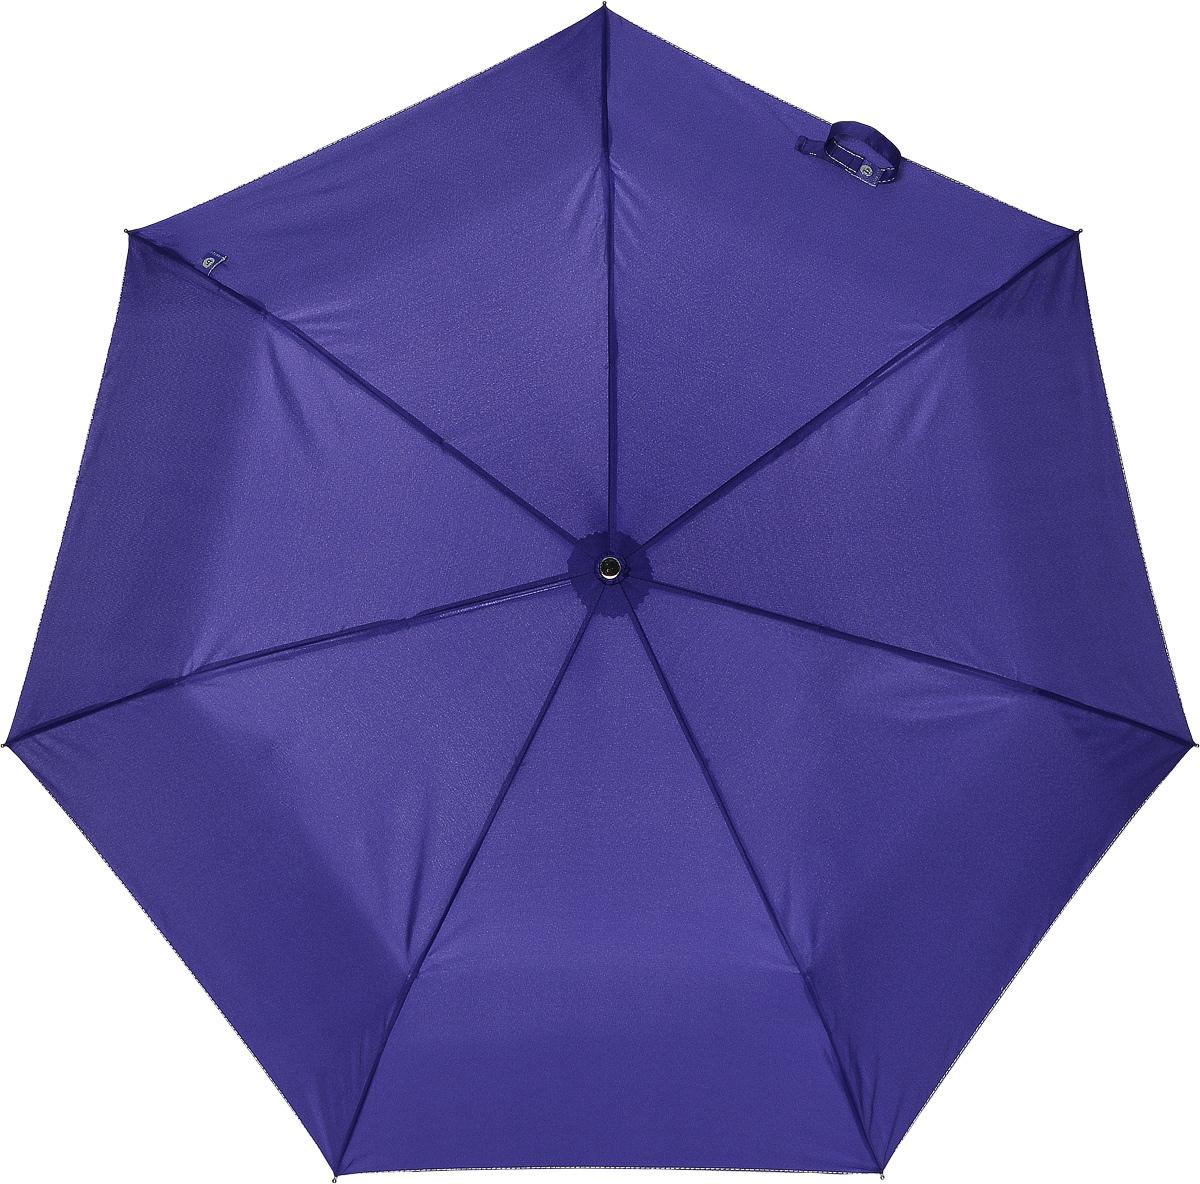 Bisetti 3580-4 Зонт полный автом. 3 сл. жен.3580-4Зонт испанского производителя Clima. В производстве зонтов используются современные материалы, что делает зонты легкими, но в то же время крепкими.Полный автомат, 3 сложения, 8 спиц по 54см, полиэстер.